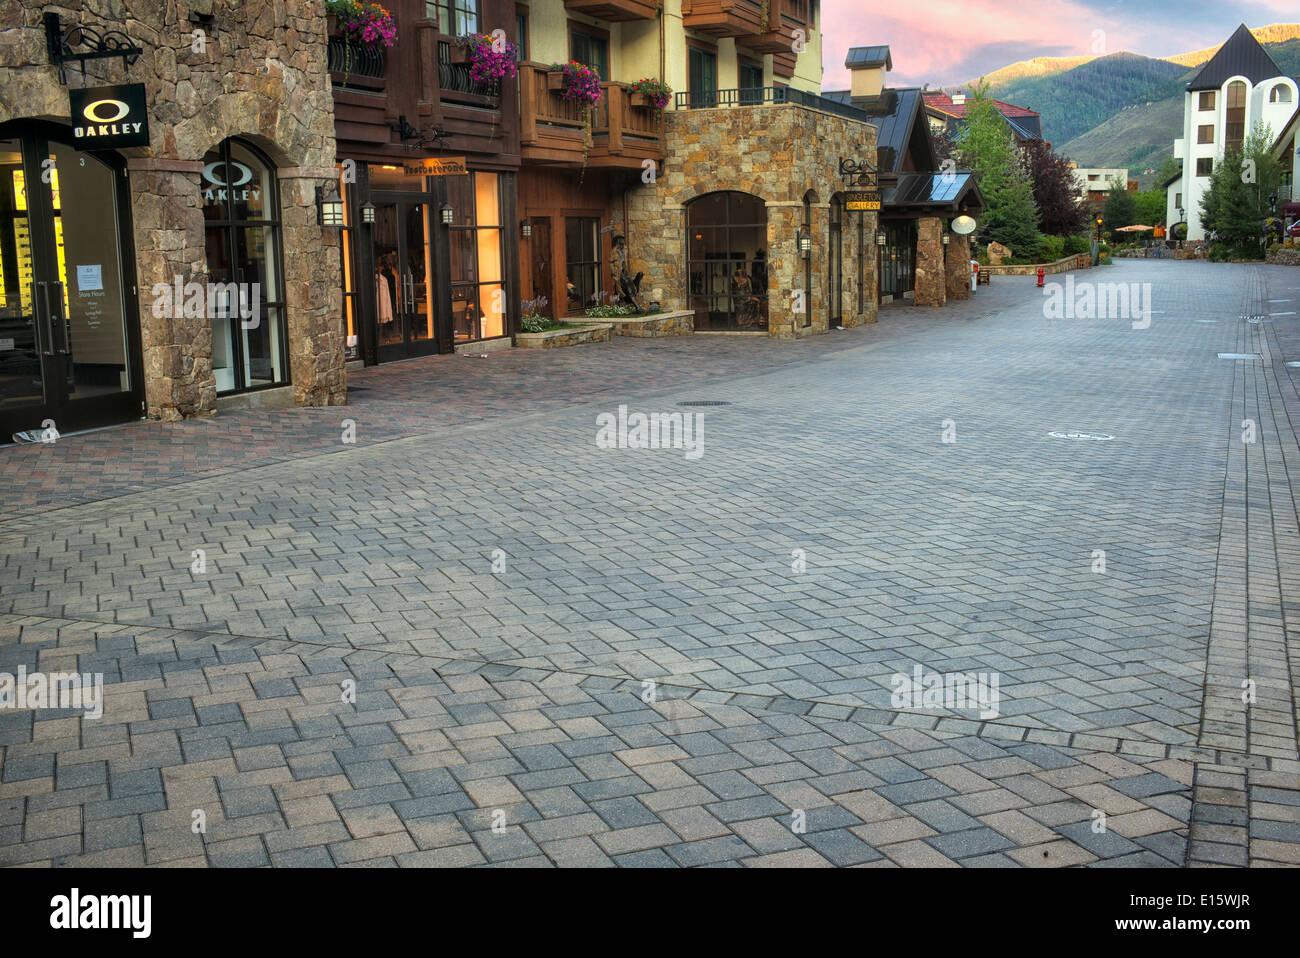 Calzada de piedra en Vail Village. Vail, Colorado Imagen De Stock